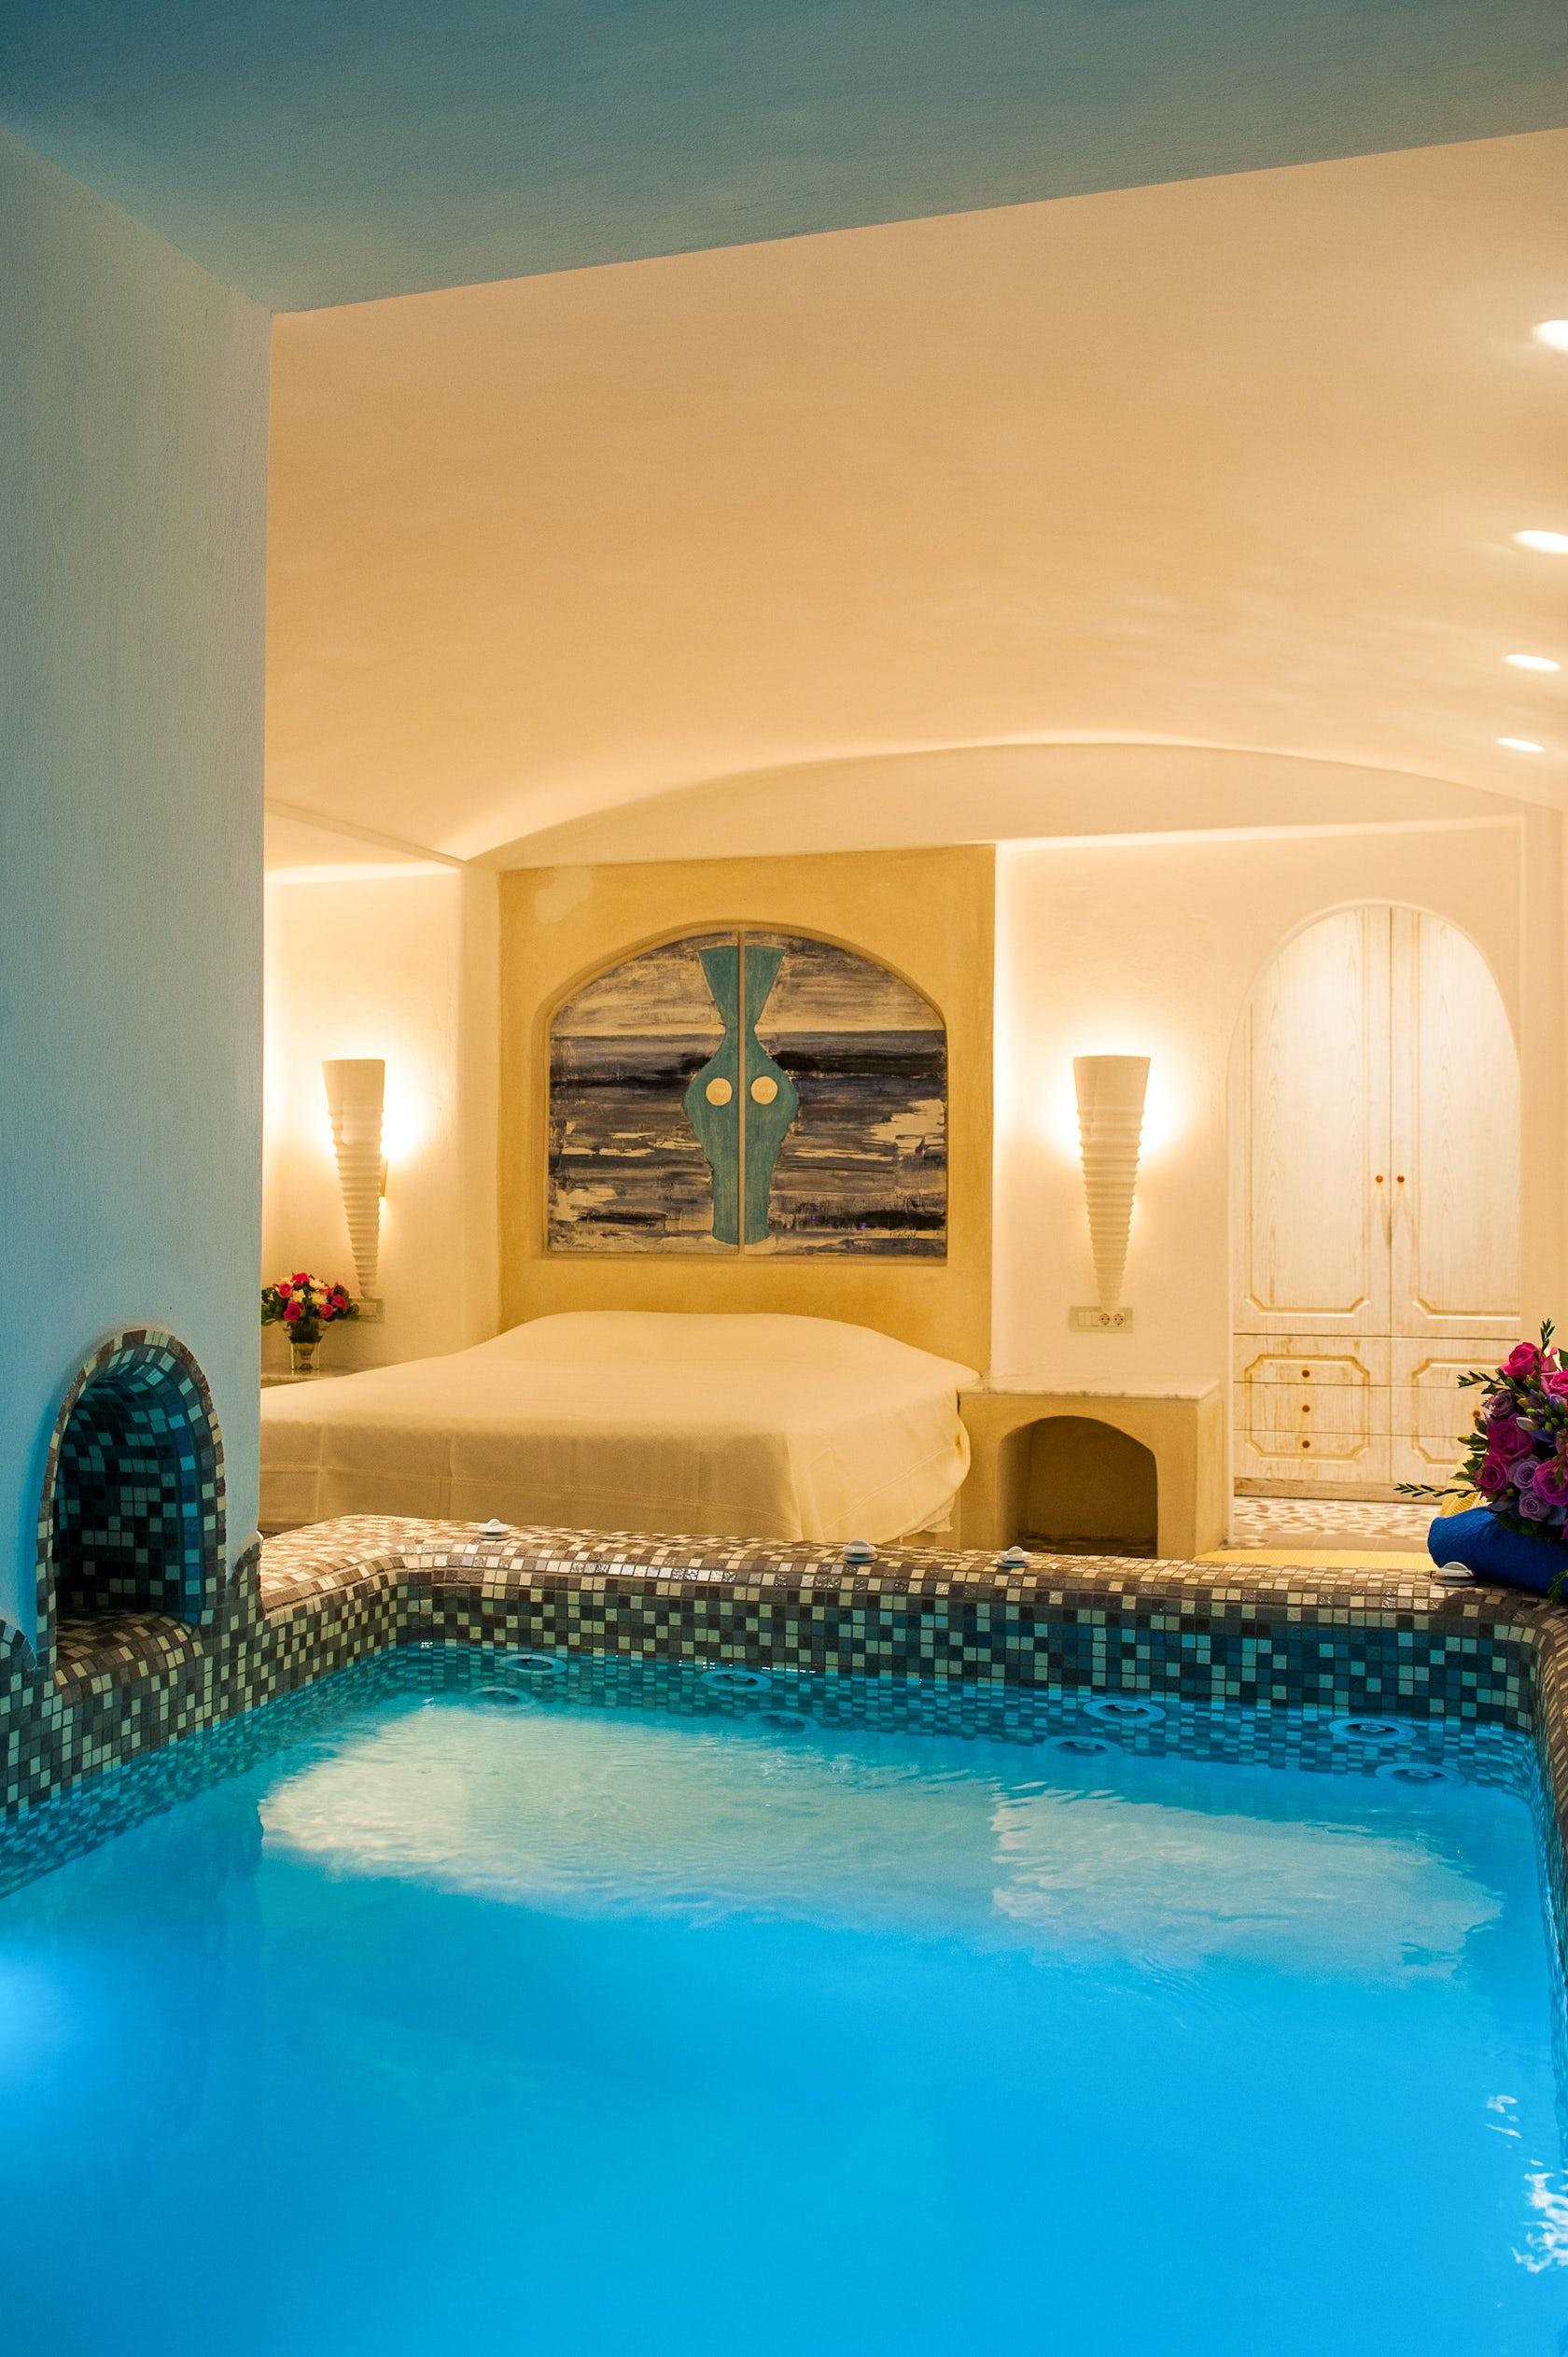 Hotel Suite Room: Astarte Suites Hotel In Santorini